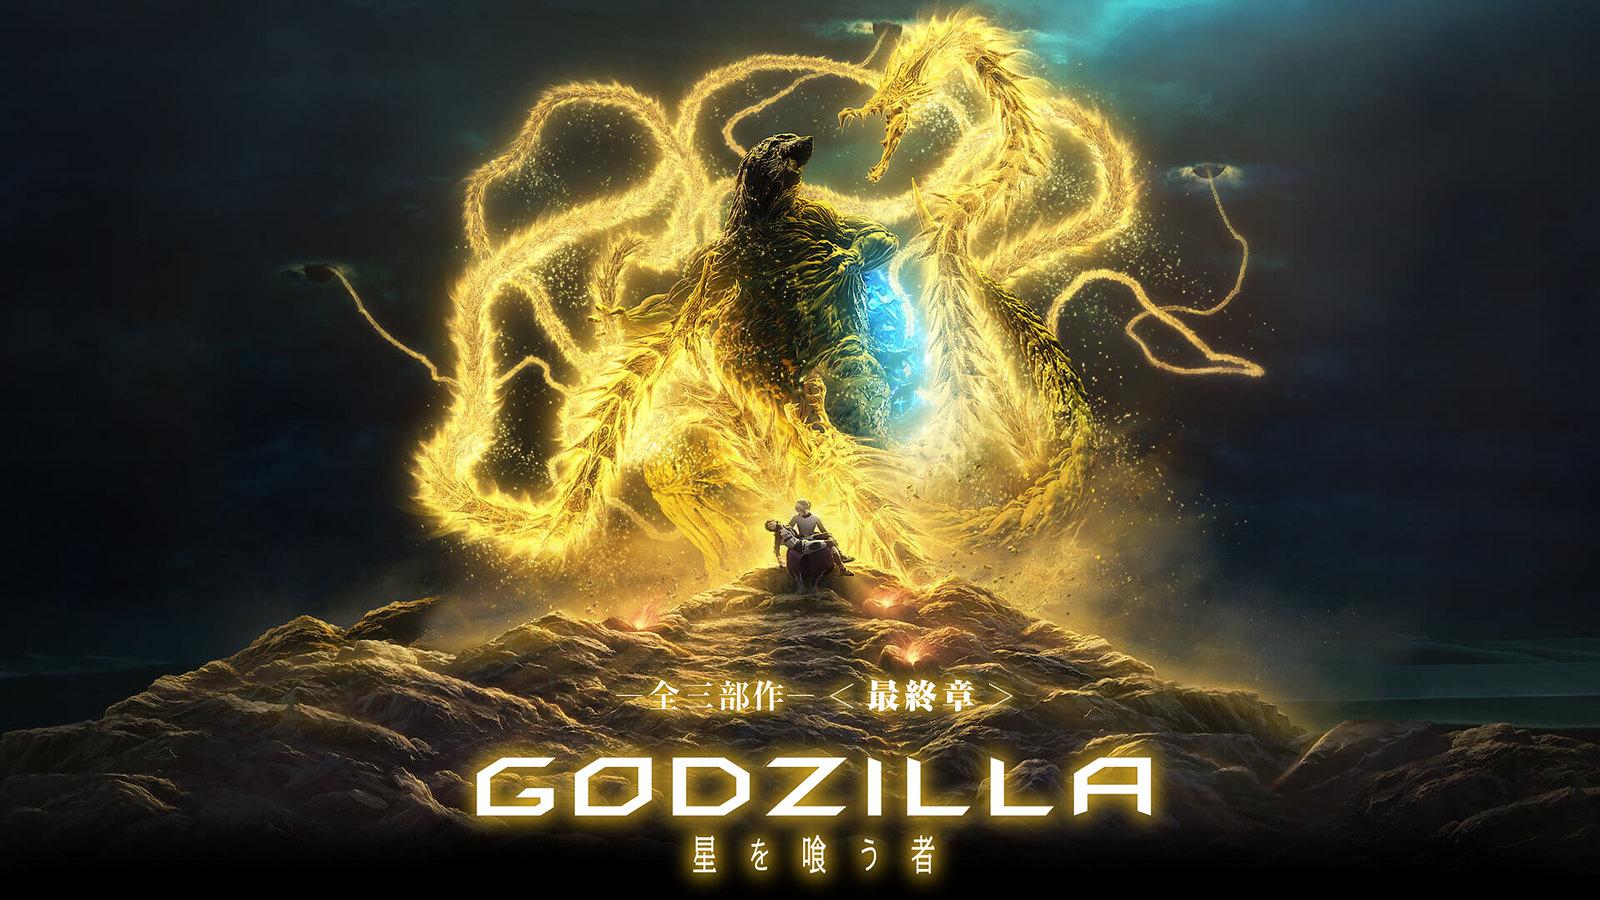 180922 - 高次元怪獸「王者基多拉」毀滅來襲!劇場版《GODZILLA 第3章 噬星者》宣布11/9完結上映、多幅劇照公開!